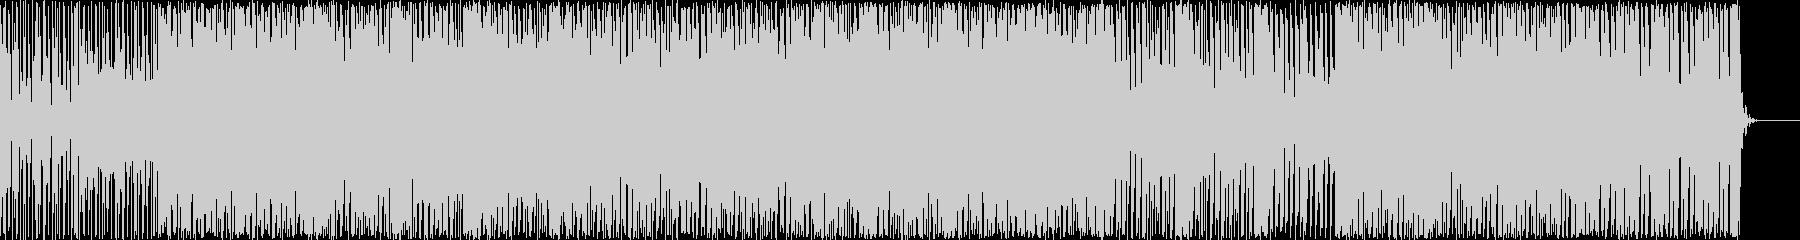 リズミカルでおしゃれな感じのBGMの未再生の波形